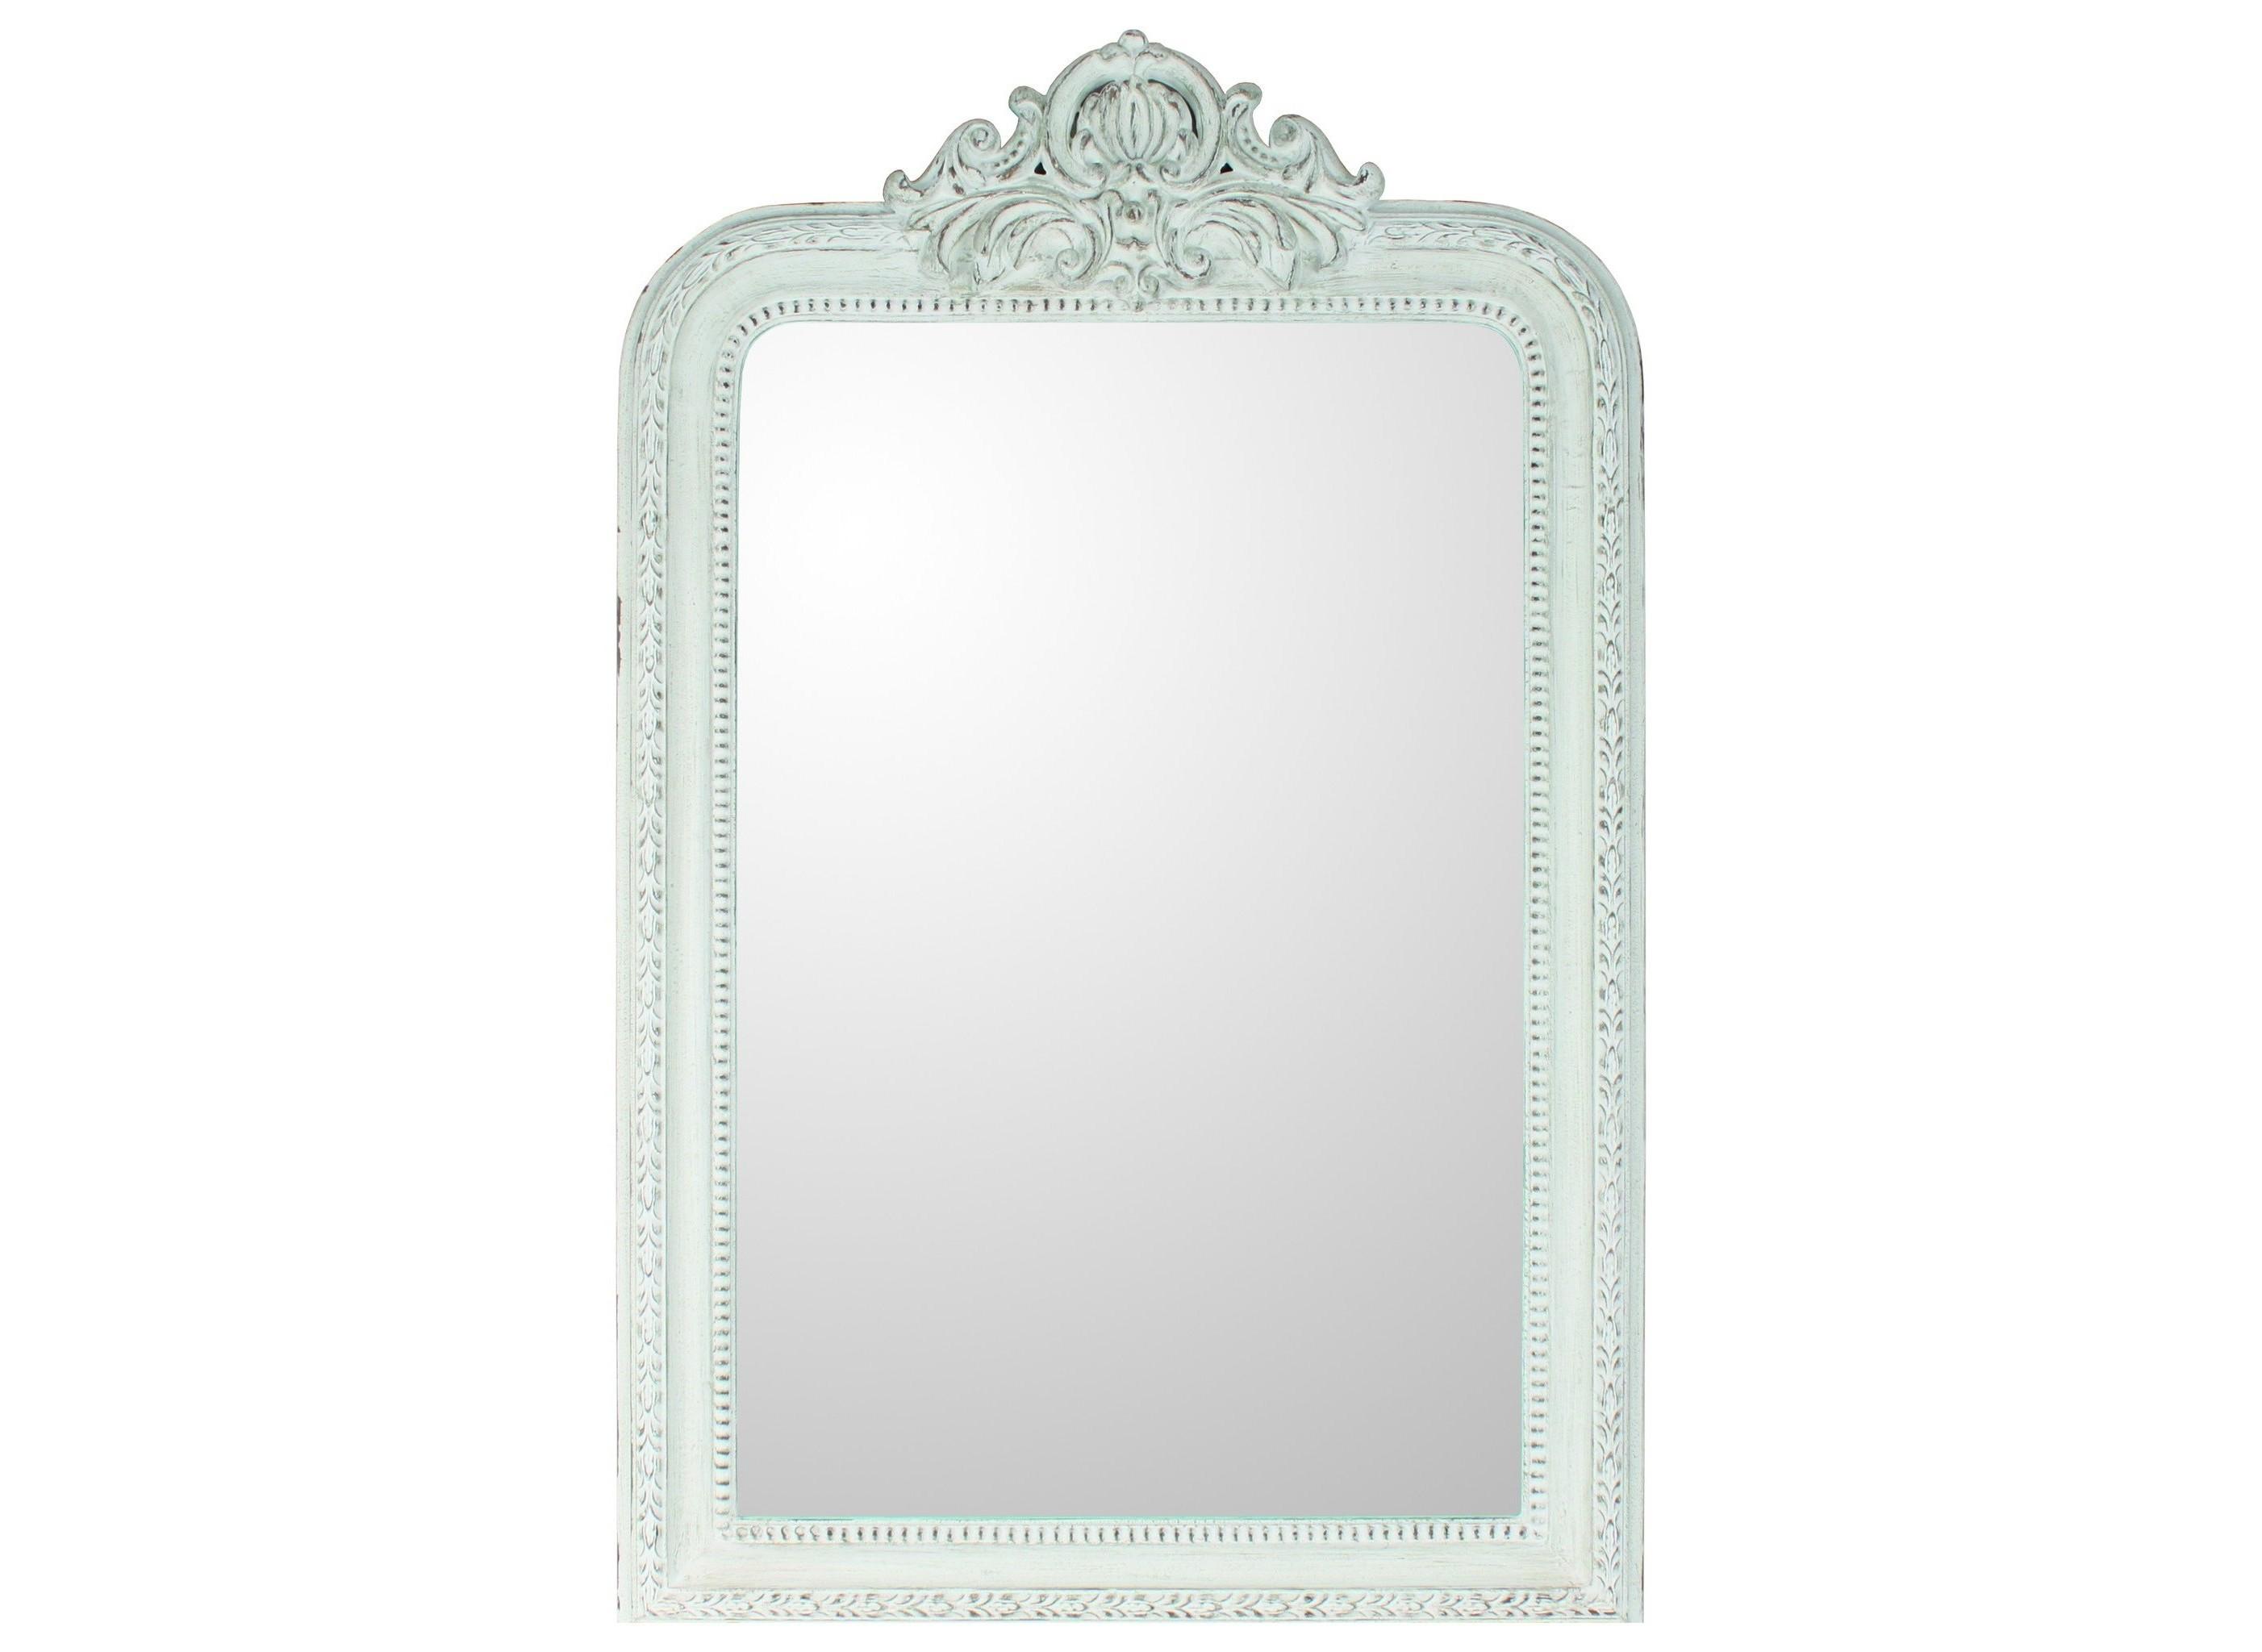 Настенное зеркало  ZeldaНастенные зеркала<br><br><br>Material: Дерево<br>Ширина см: 77<br>Высота см: 120<br>Глубина см: 5